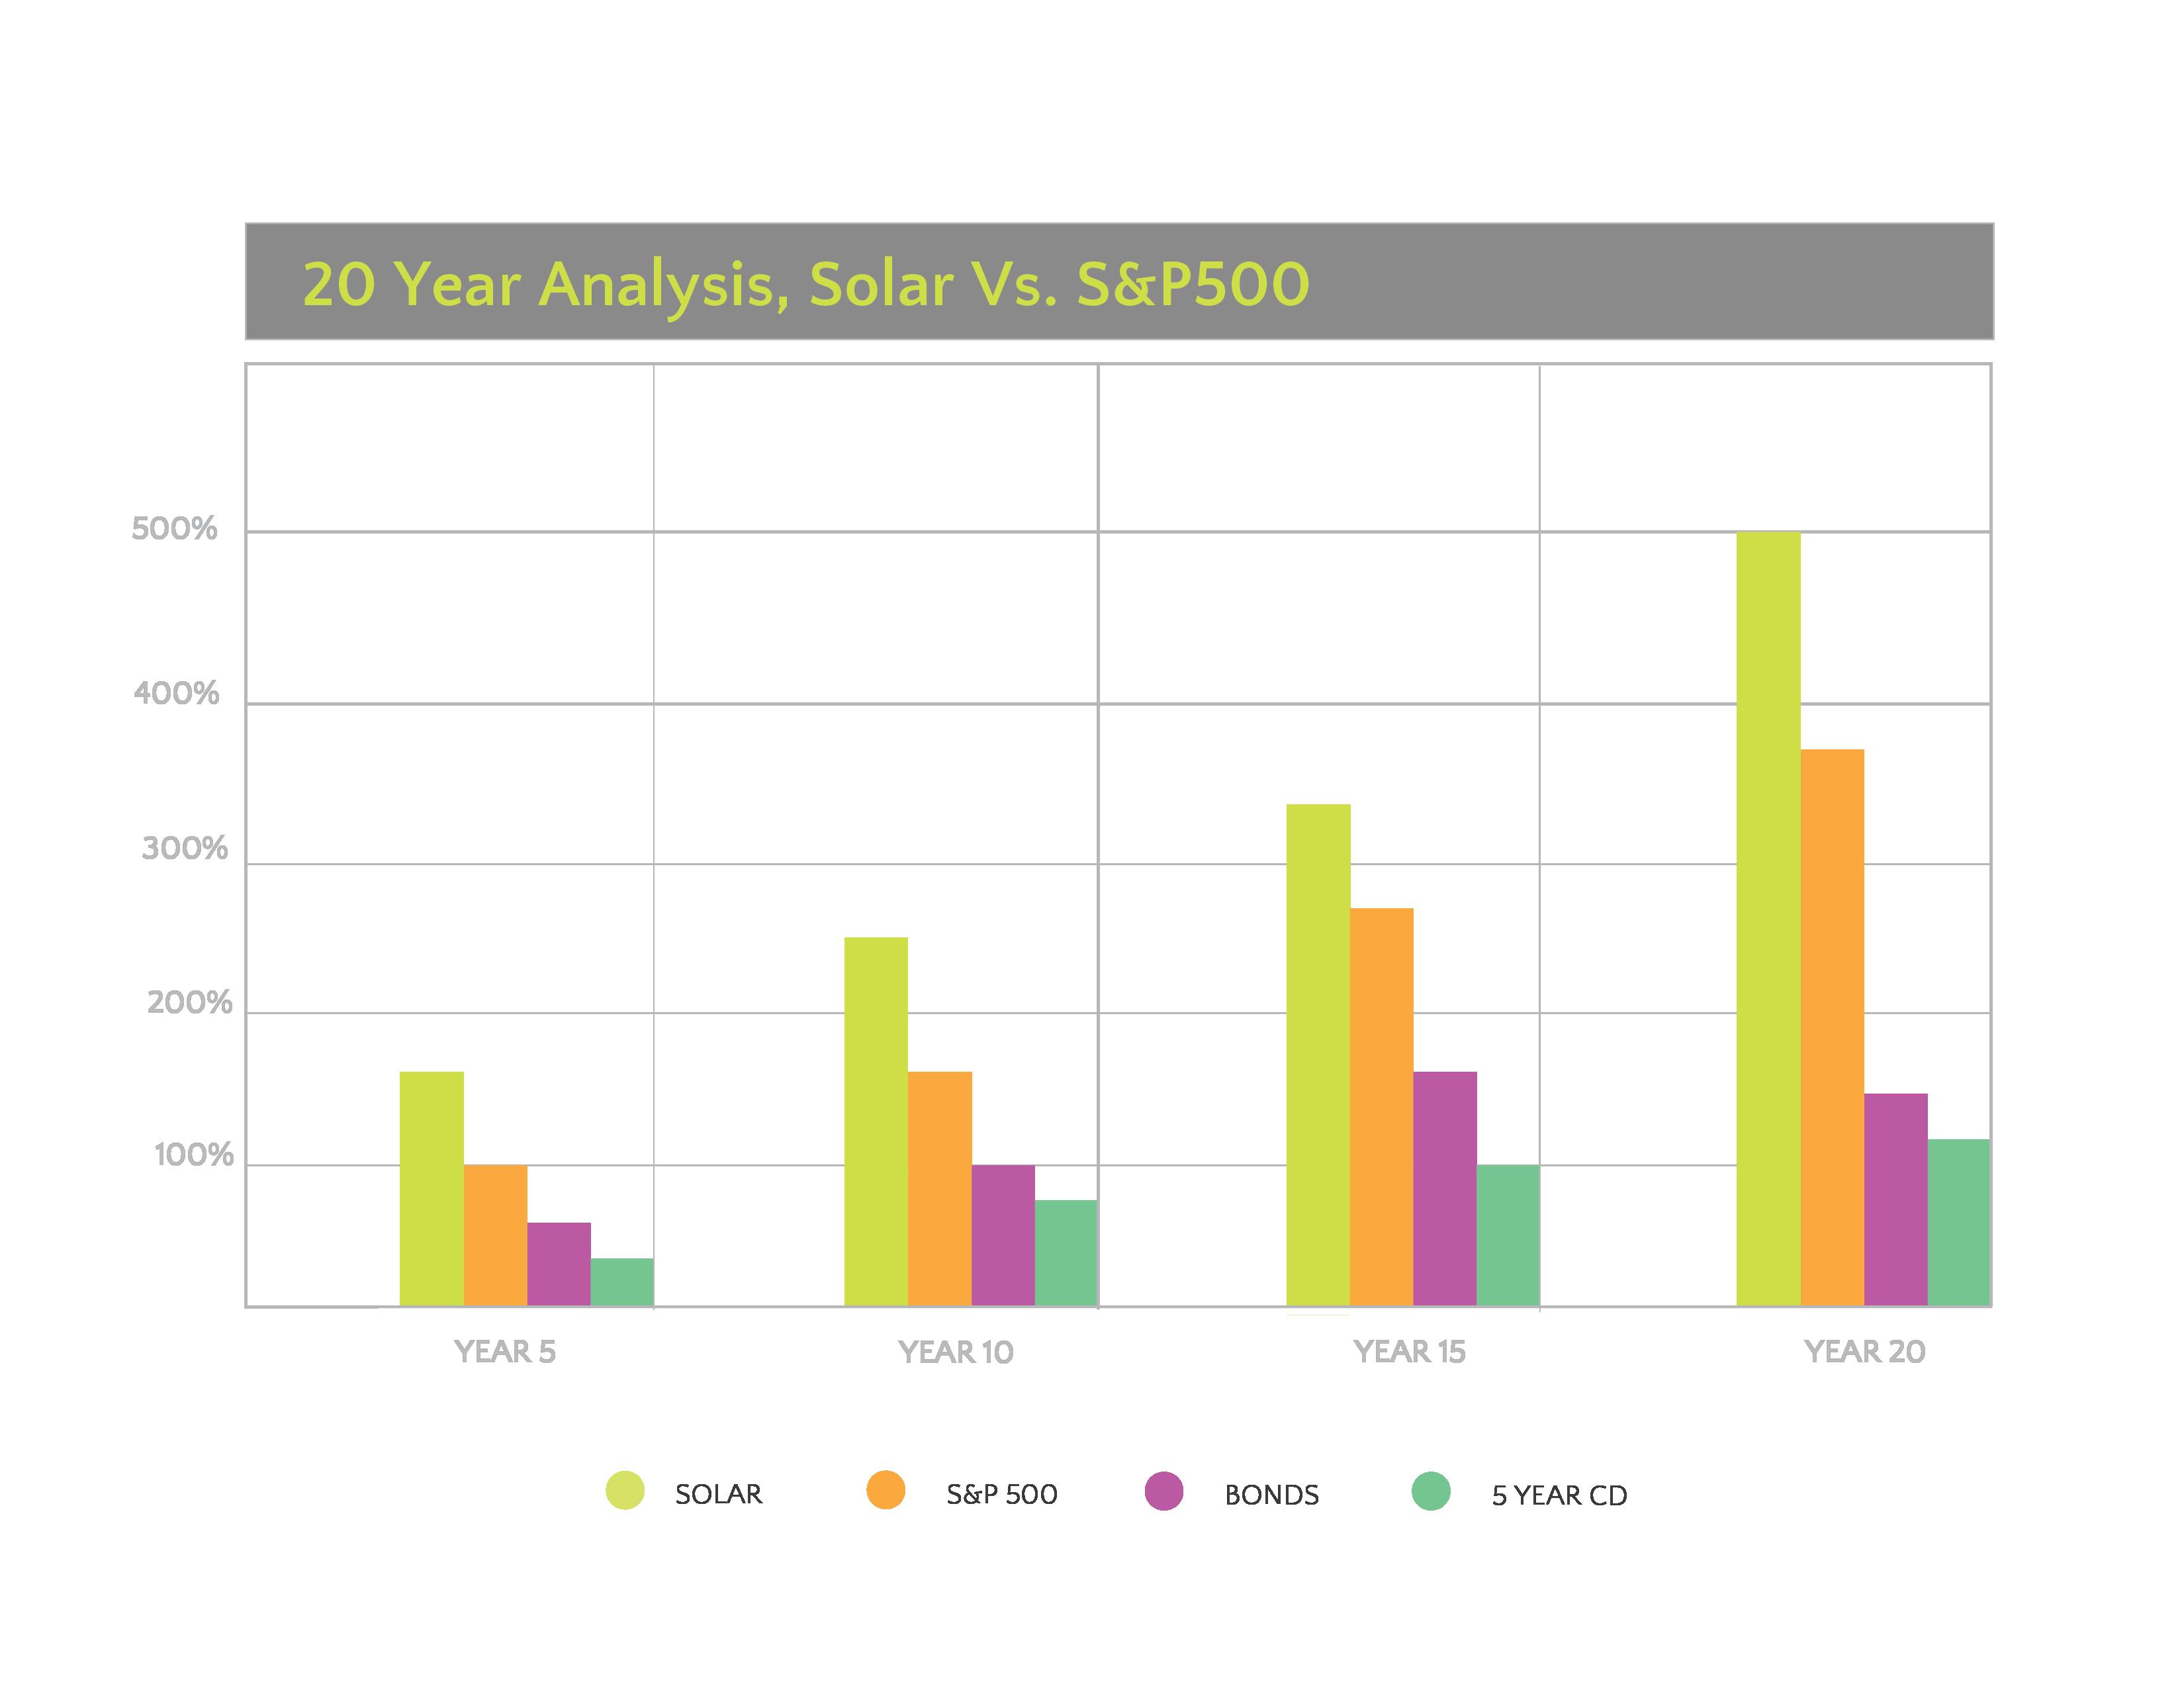 Chart 20 Year Analysis Solar Vs. S&P 500